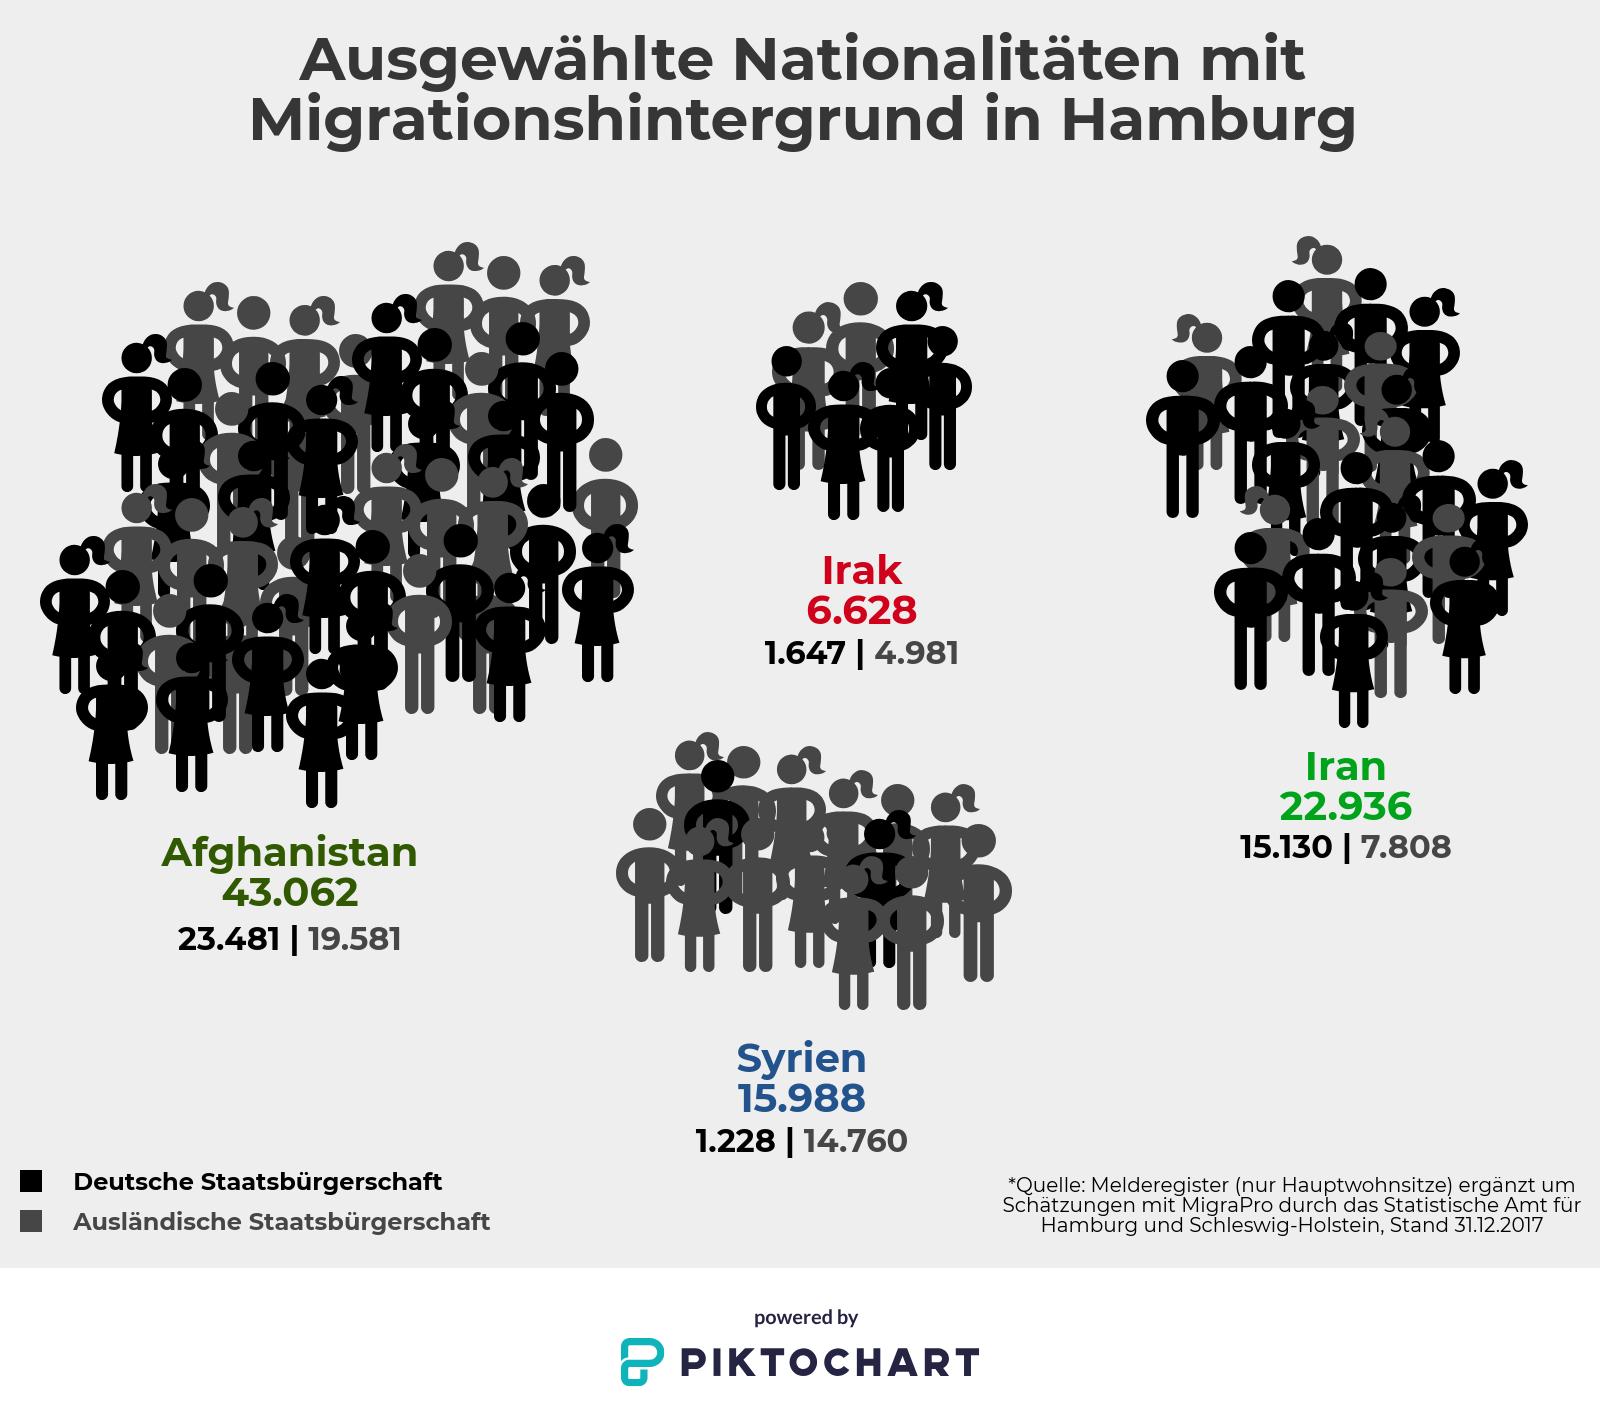 Überblick der in Hamburg gemeldeten Bürger mit Migrationshintergrund aus Afghanistan, Syrien, Iran, Irak